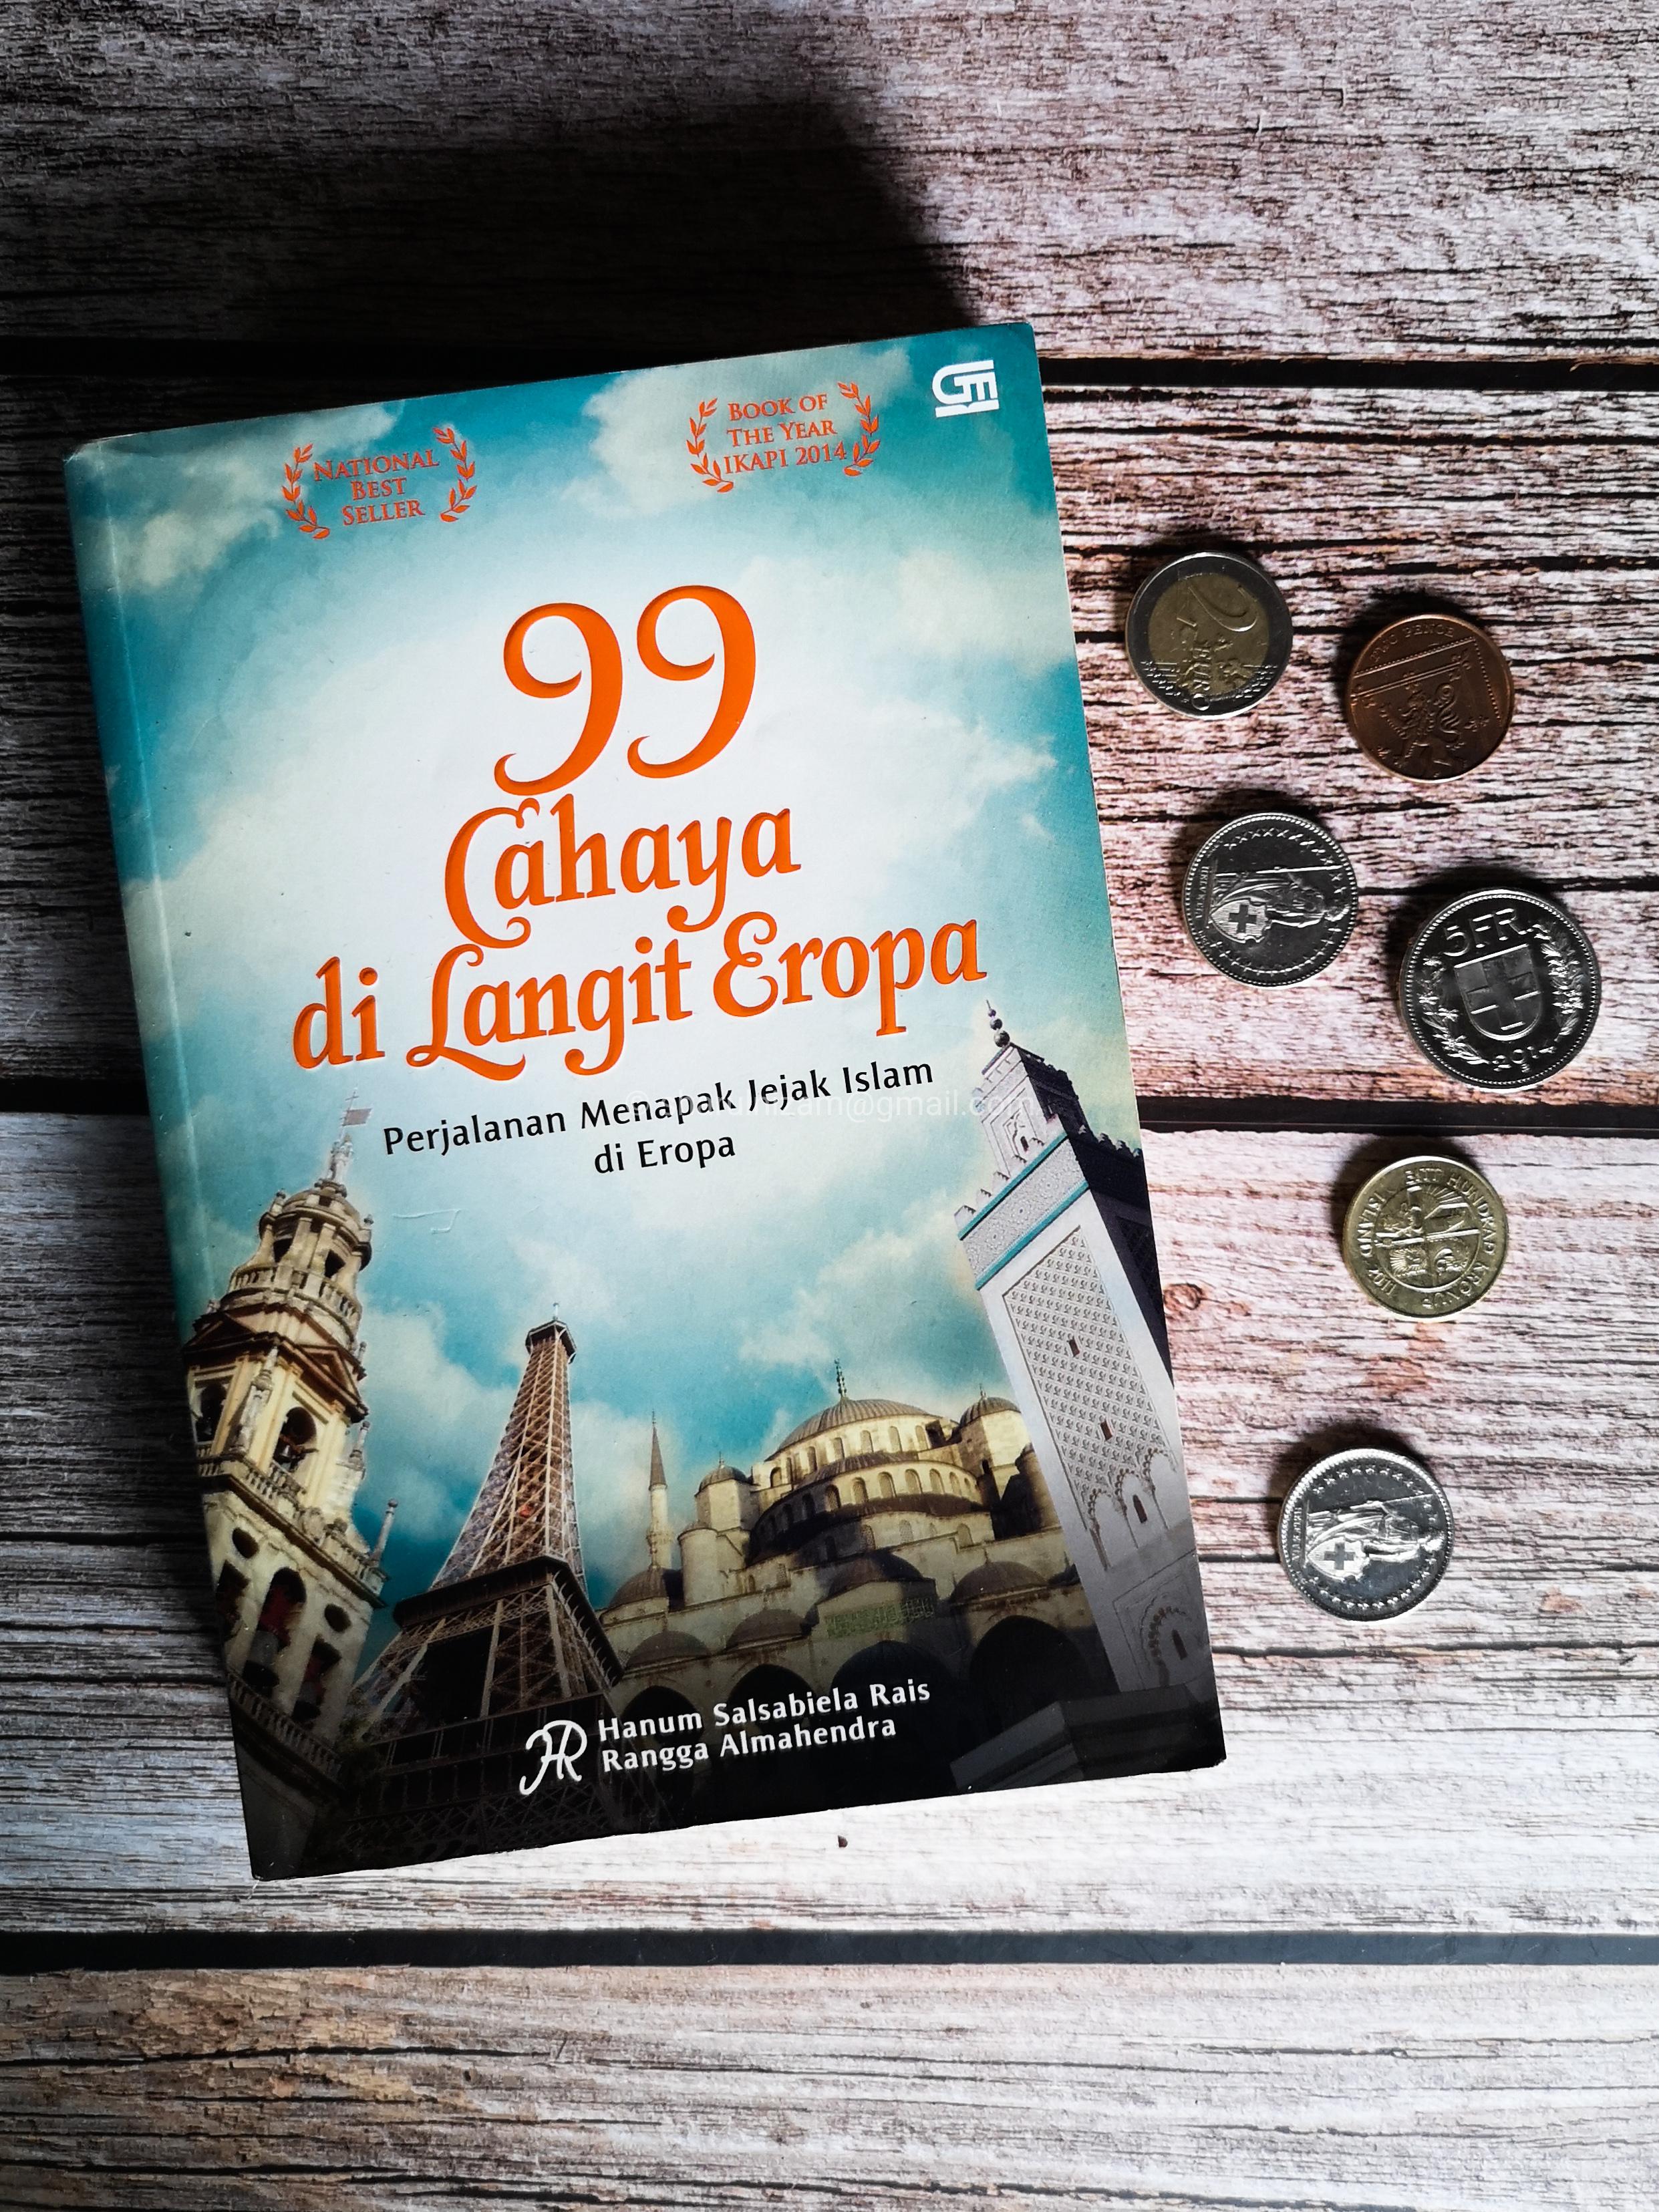 99 Cahaya di Langit Eropa: Perjalanan Menapak Jejak Islam di Eropa (Hanum Salsabiela Rais)